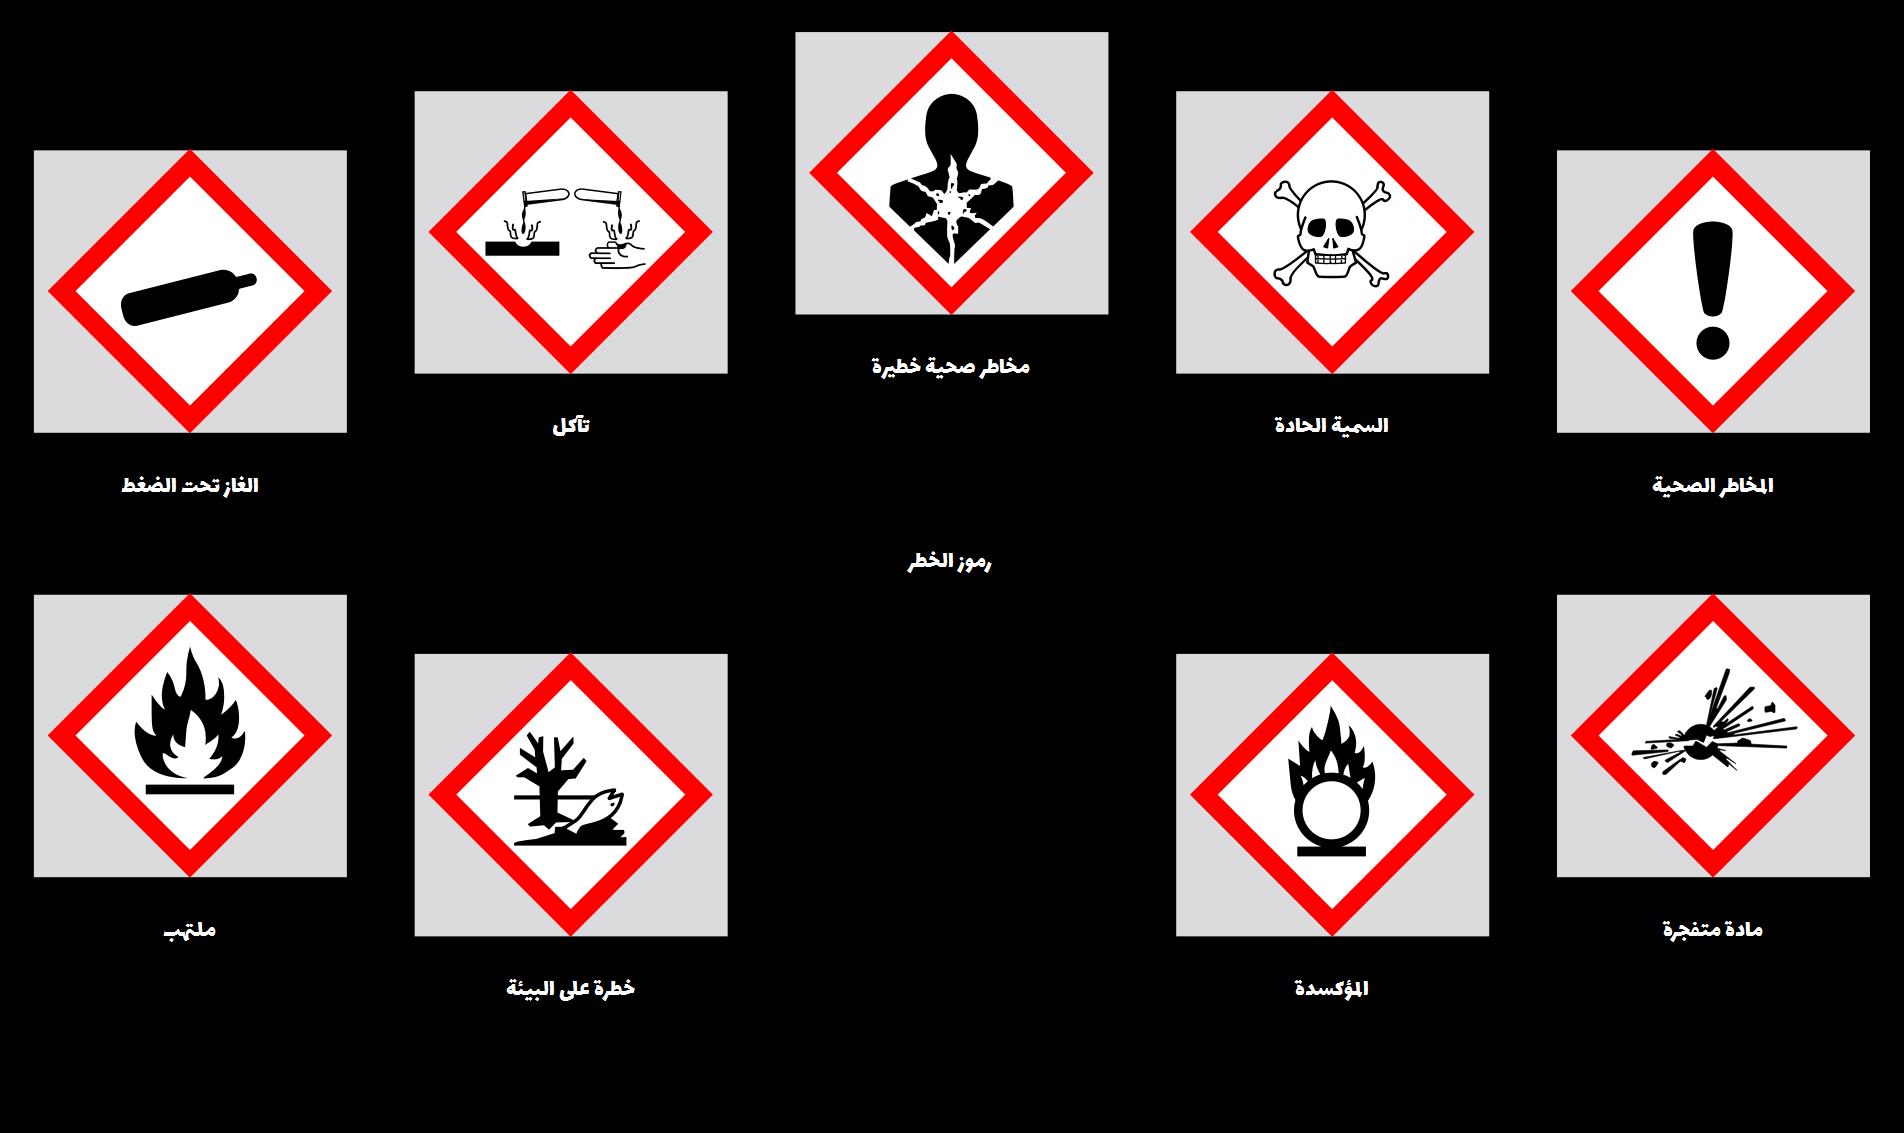 رموز الخطر